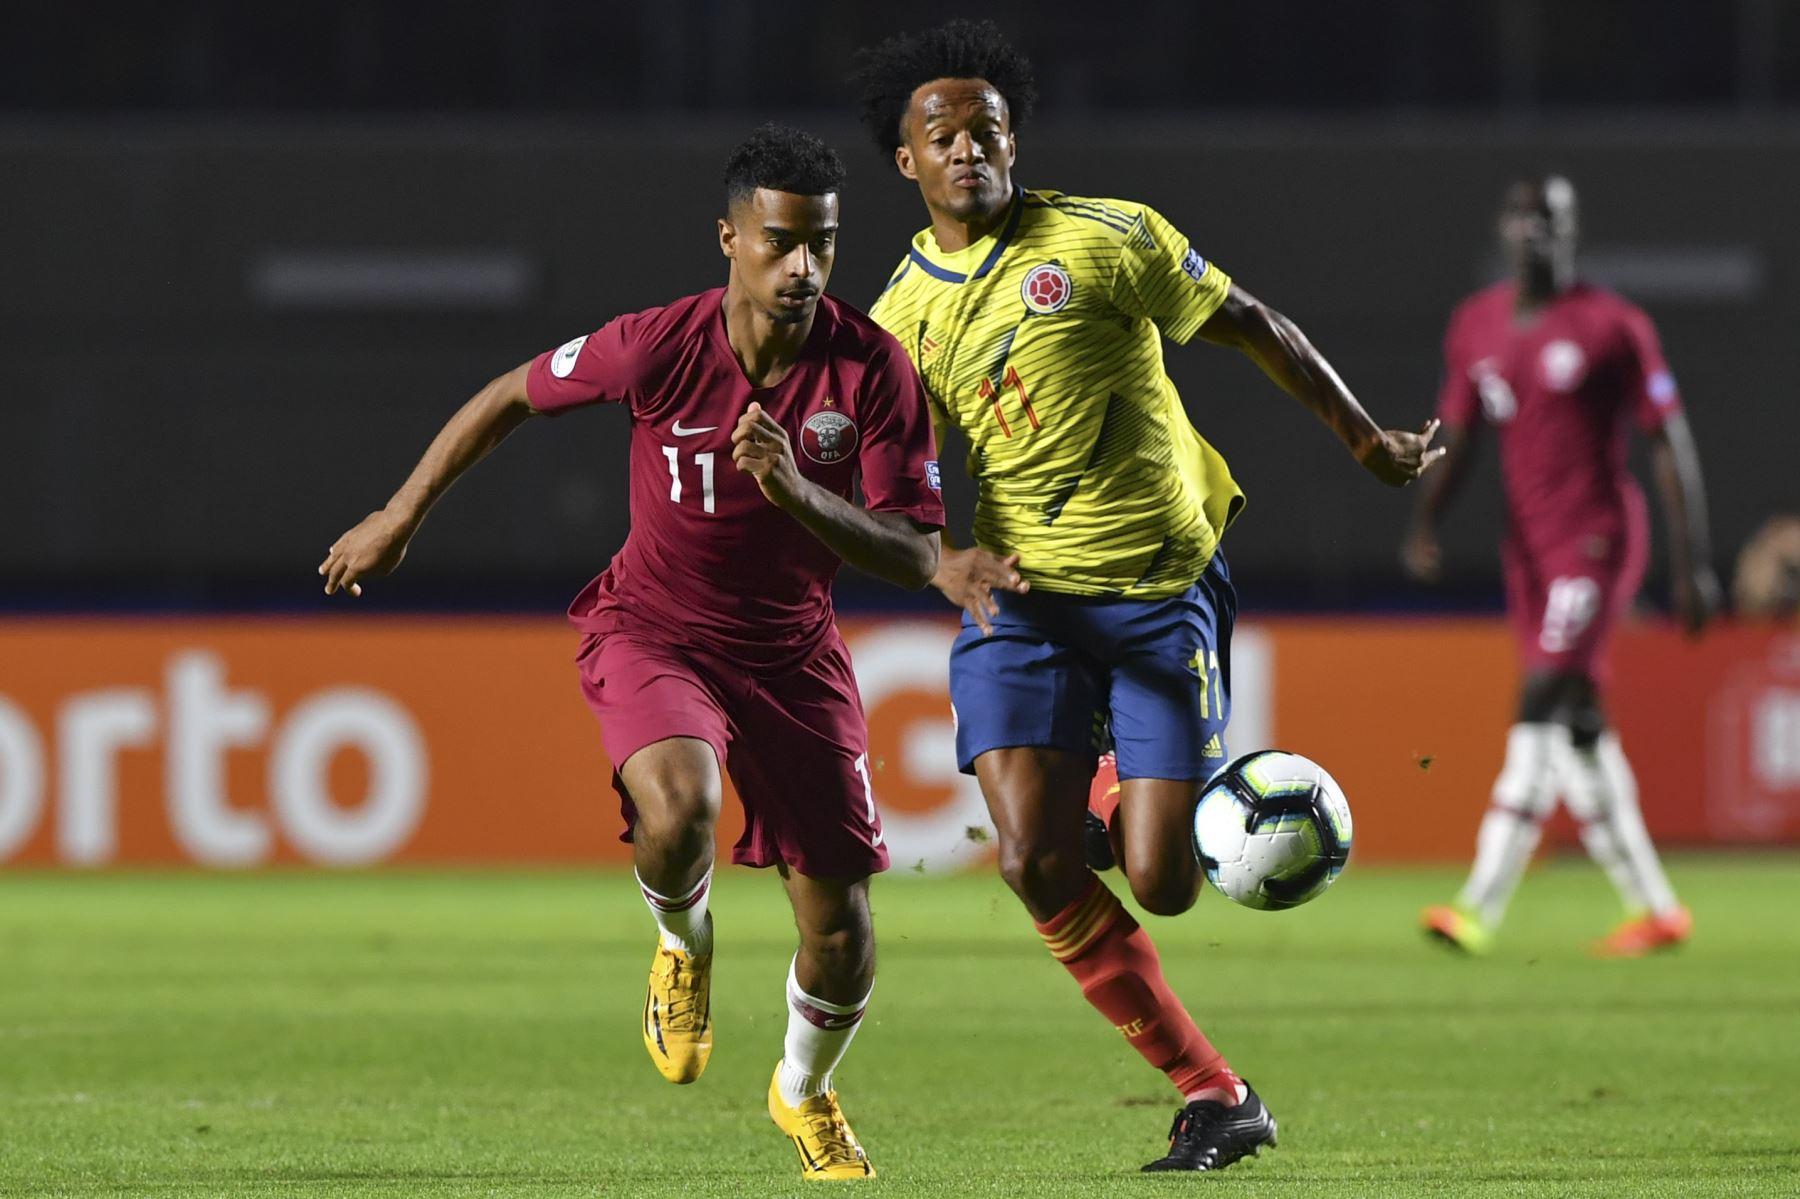 Akram Afif (L), de Qatar, y Juan Guillermo Cuadrado, de Colombia, compiten por el balón durante su partido de torneo de fútbol de la Copa América 2019. Foto: AFP